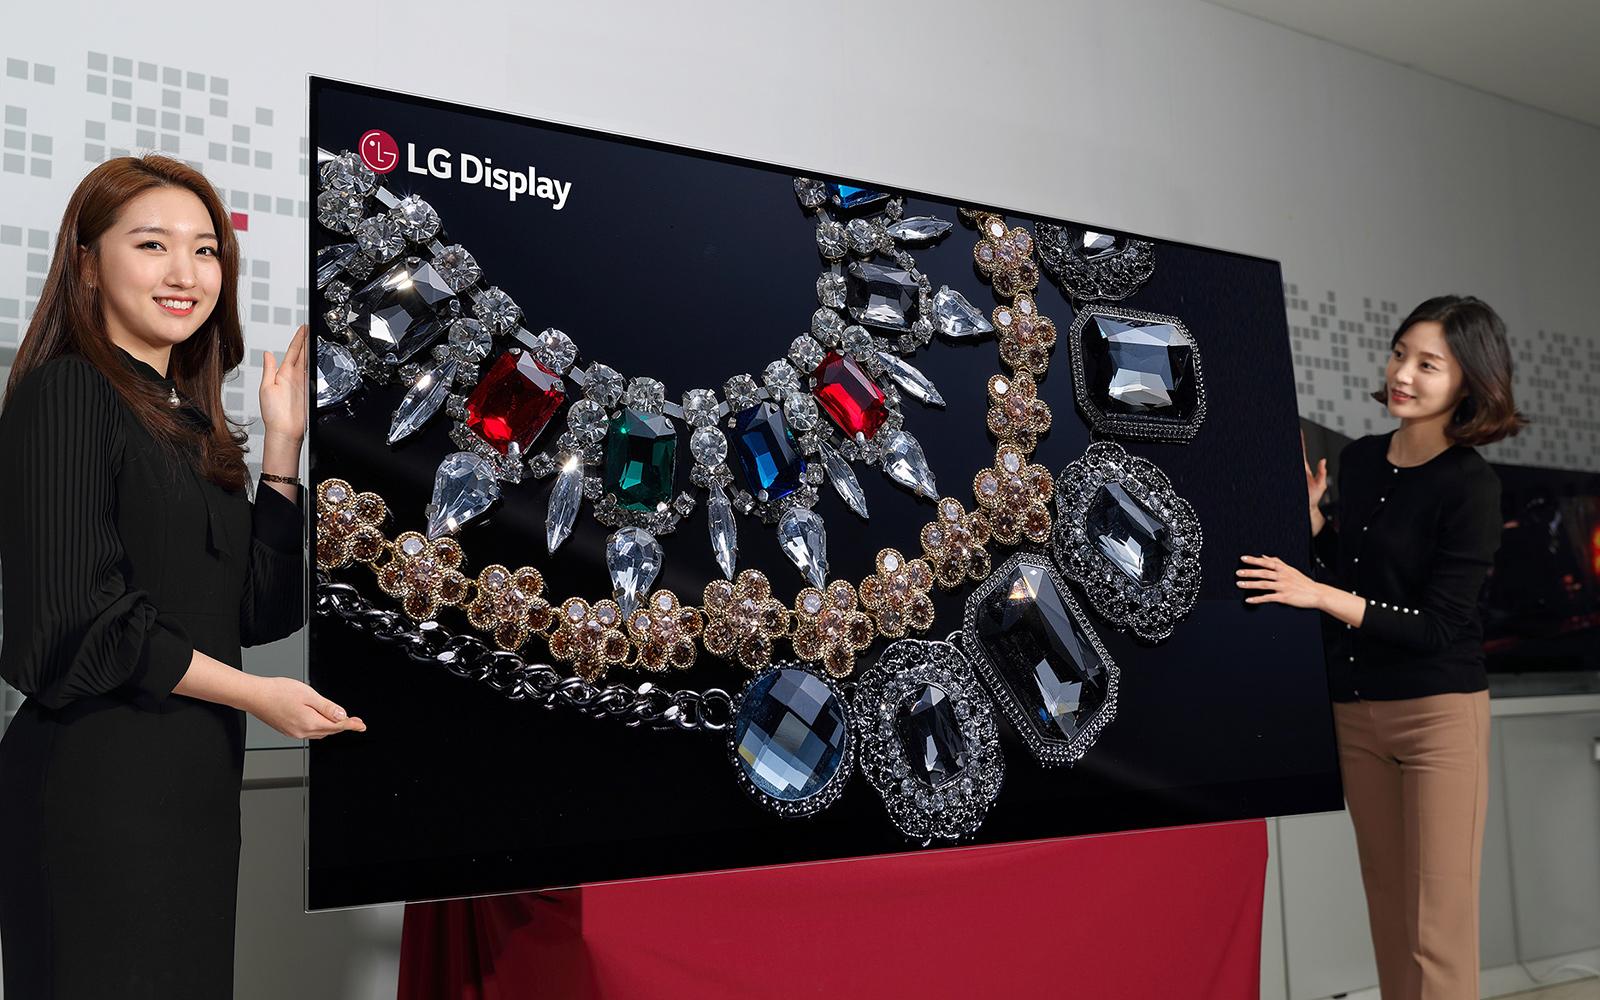 LG prezintă primul televizor OLED cu rezoluție 8K. Teevizor inteligent LG OLED 8K de 88 inchi, realizat cu ecran de la LG Display și două fete frumoase lângă el